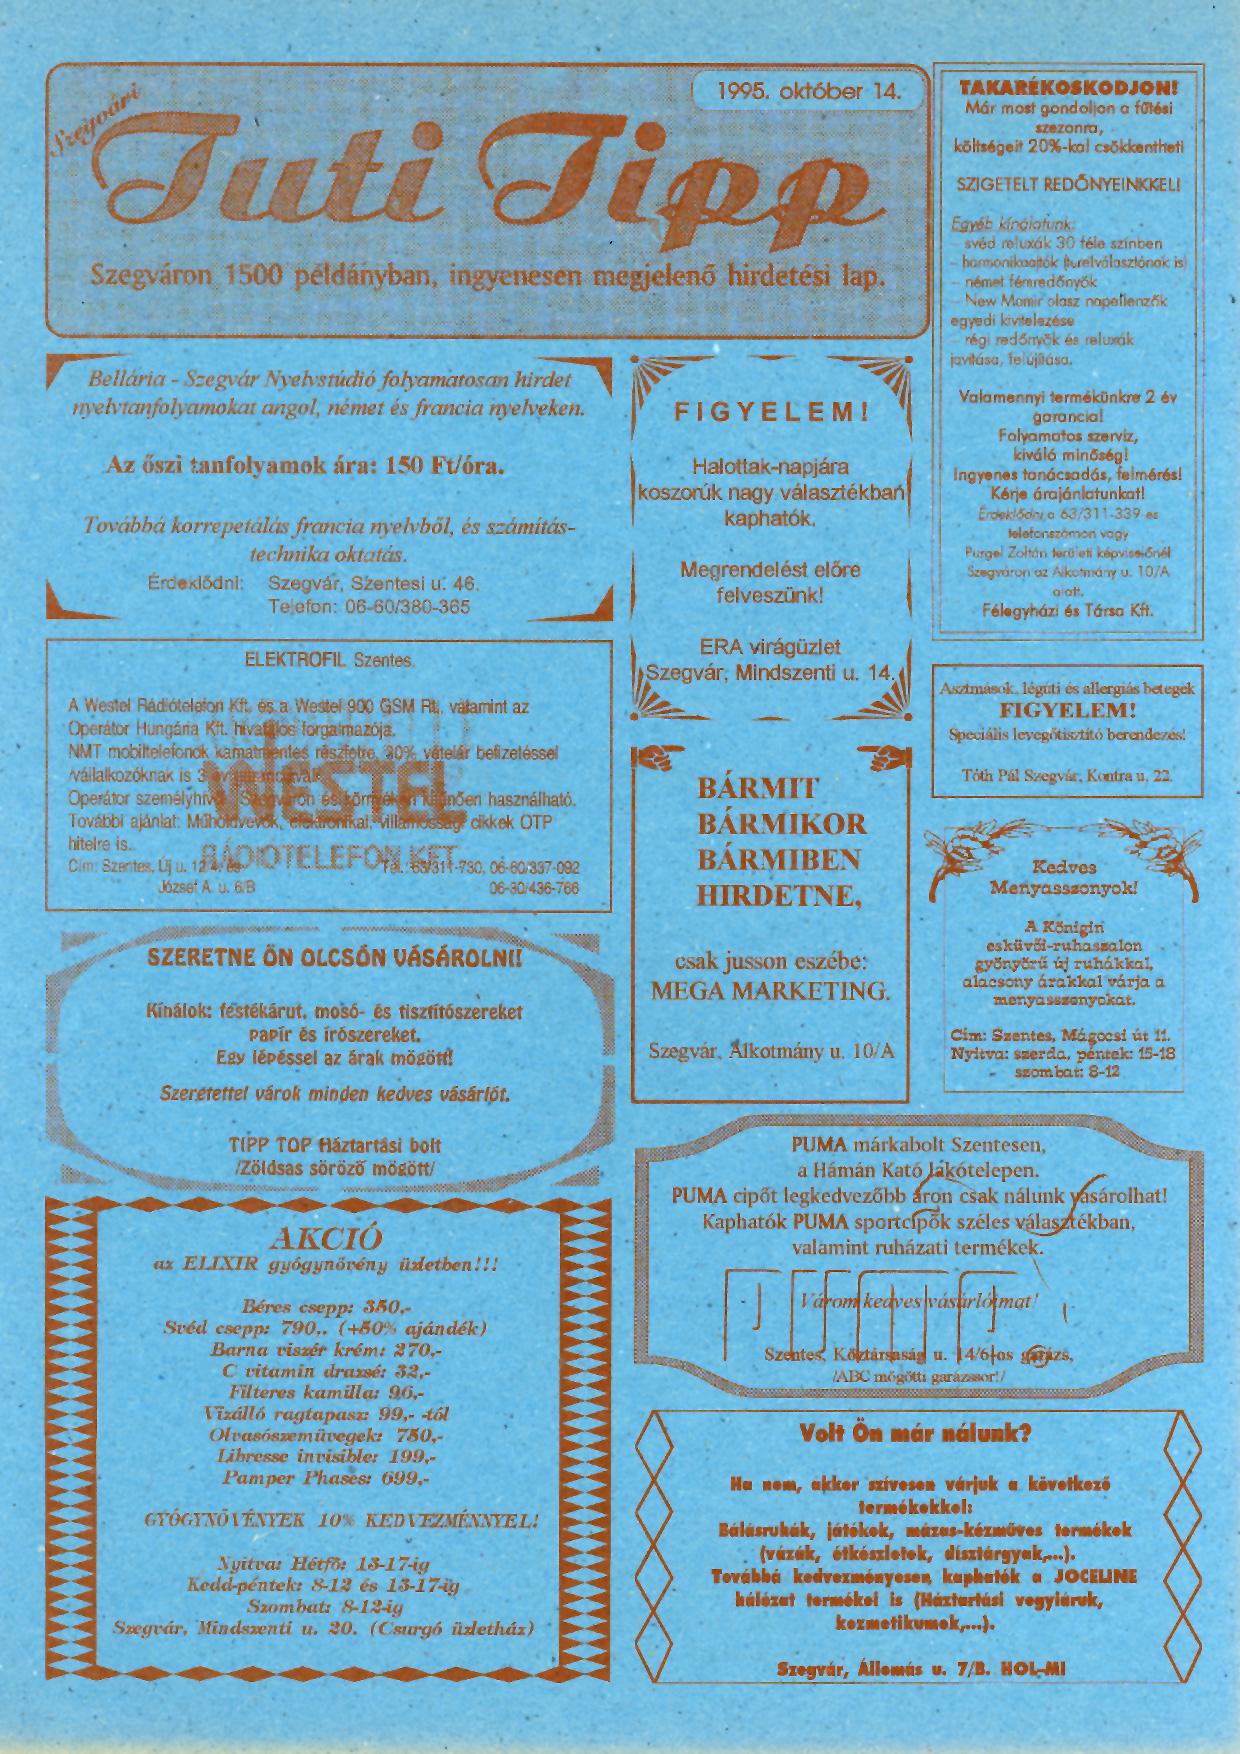 011 Tuti Tipp reklámújság - 19951014-005. lapszám -1.oldal - I. évfolyam.jpg